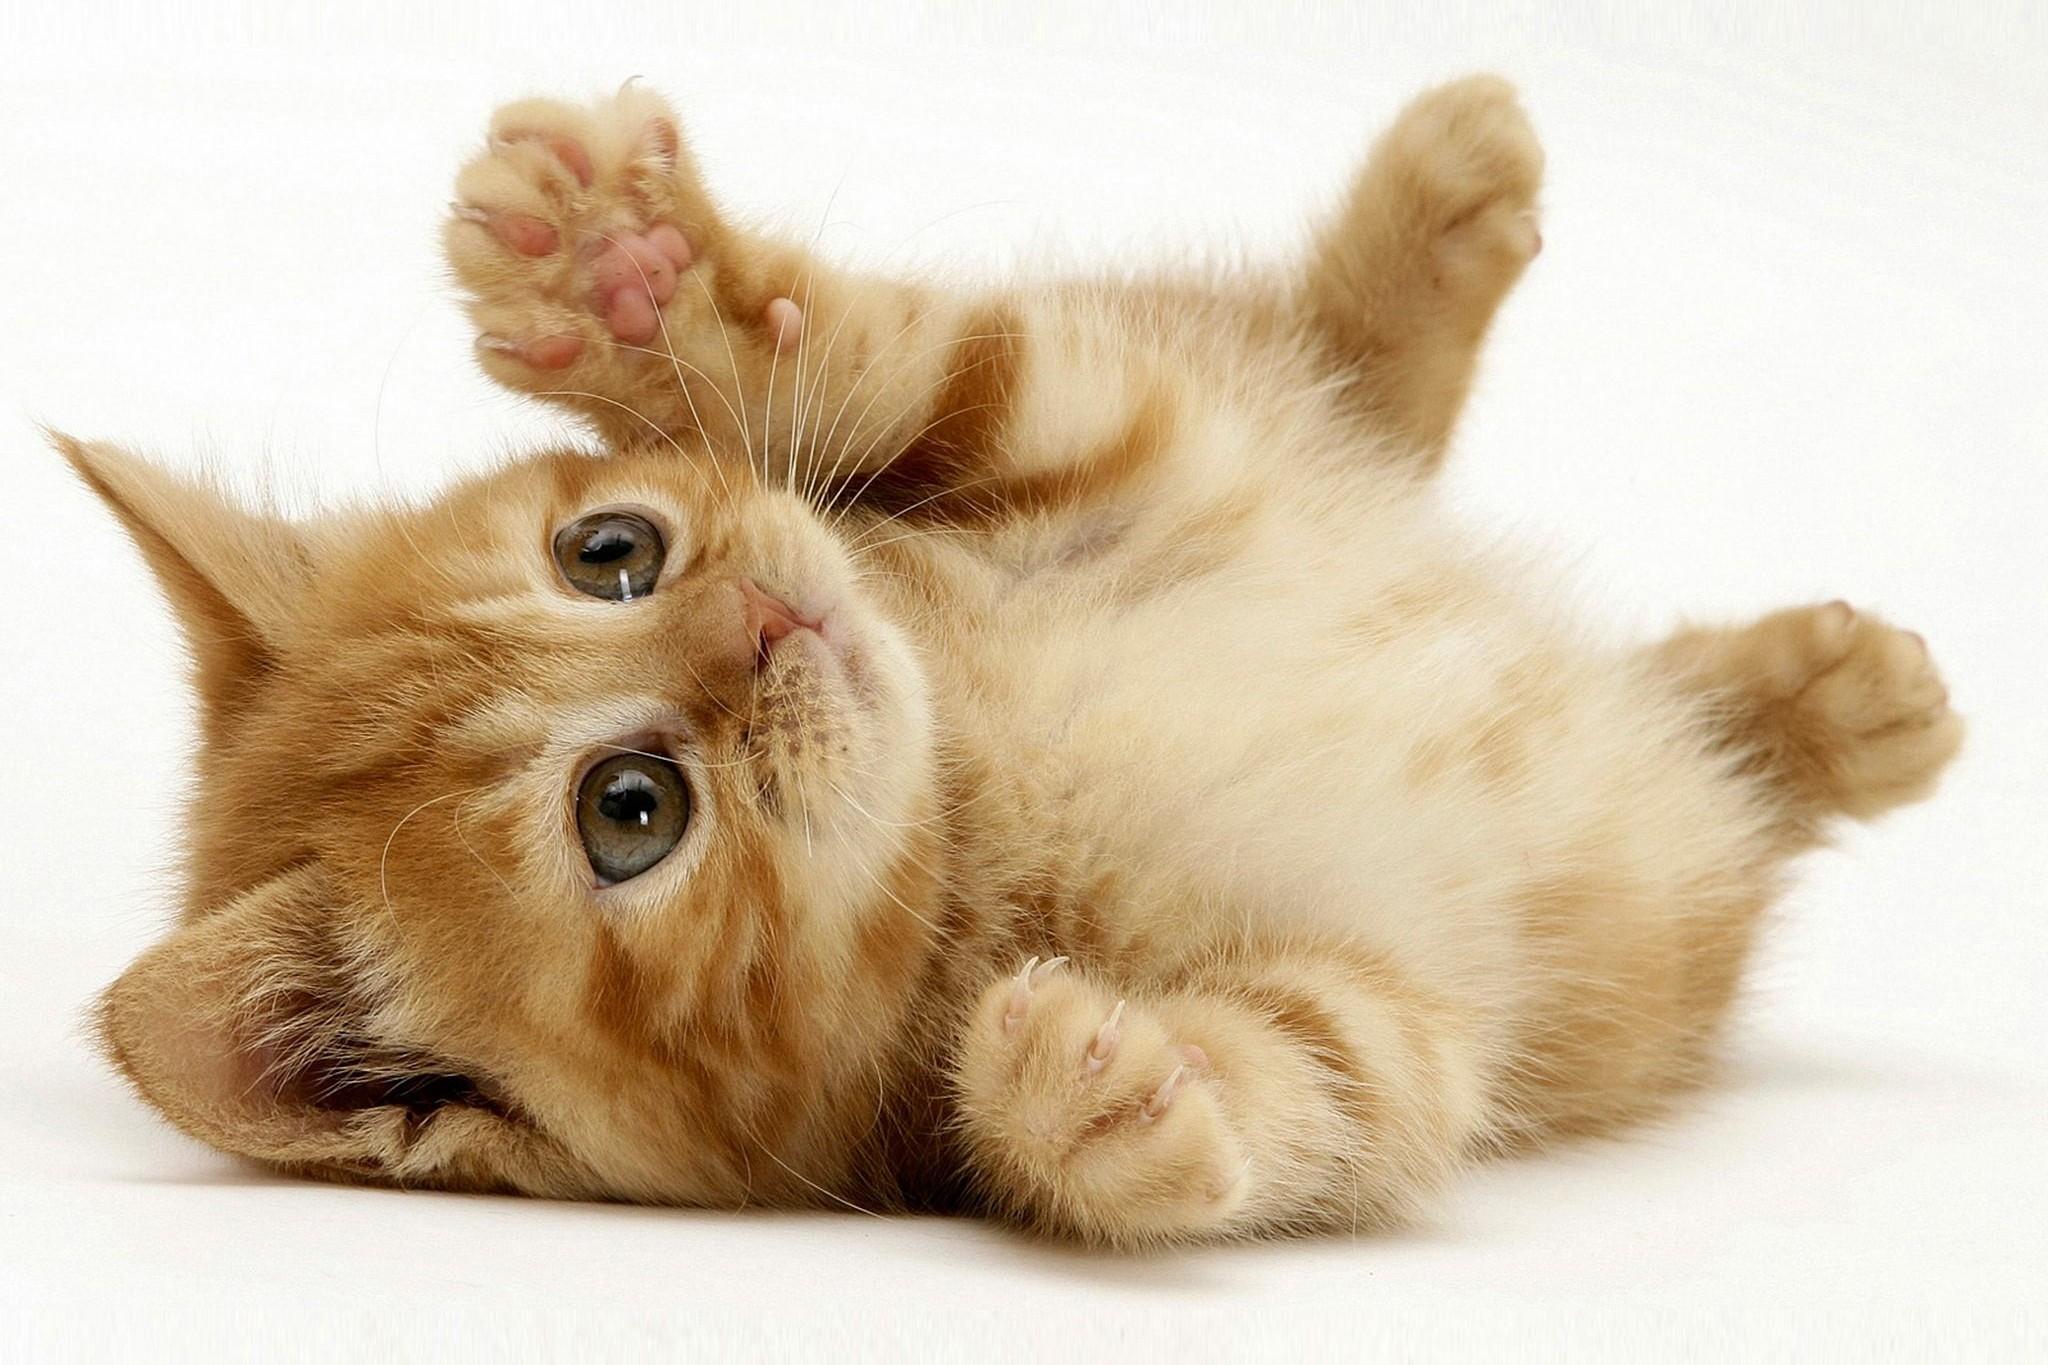 Applicazioni Android più utili per chi ha un gatto